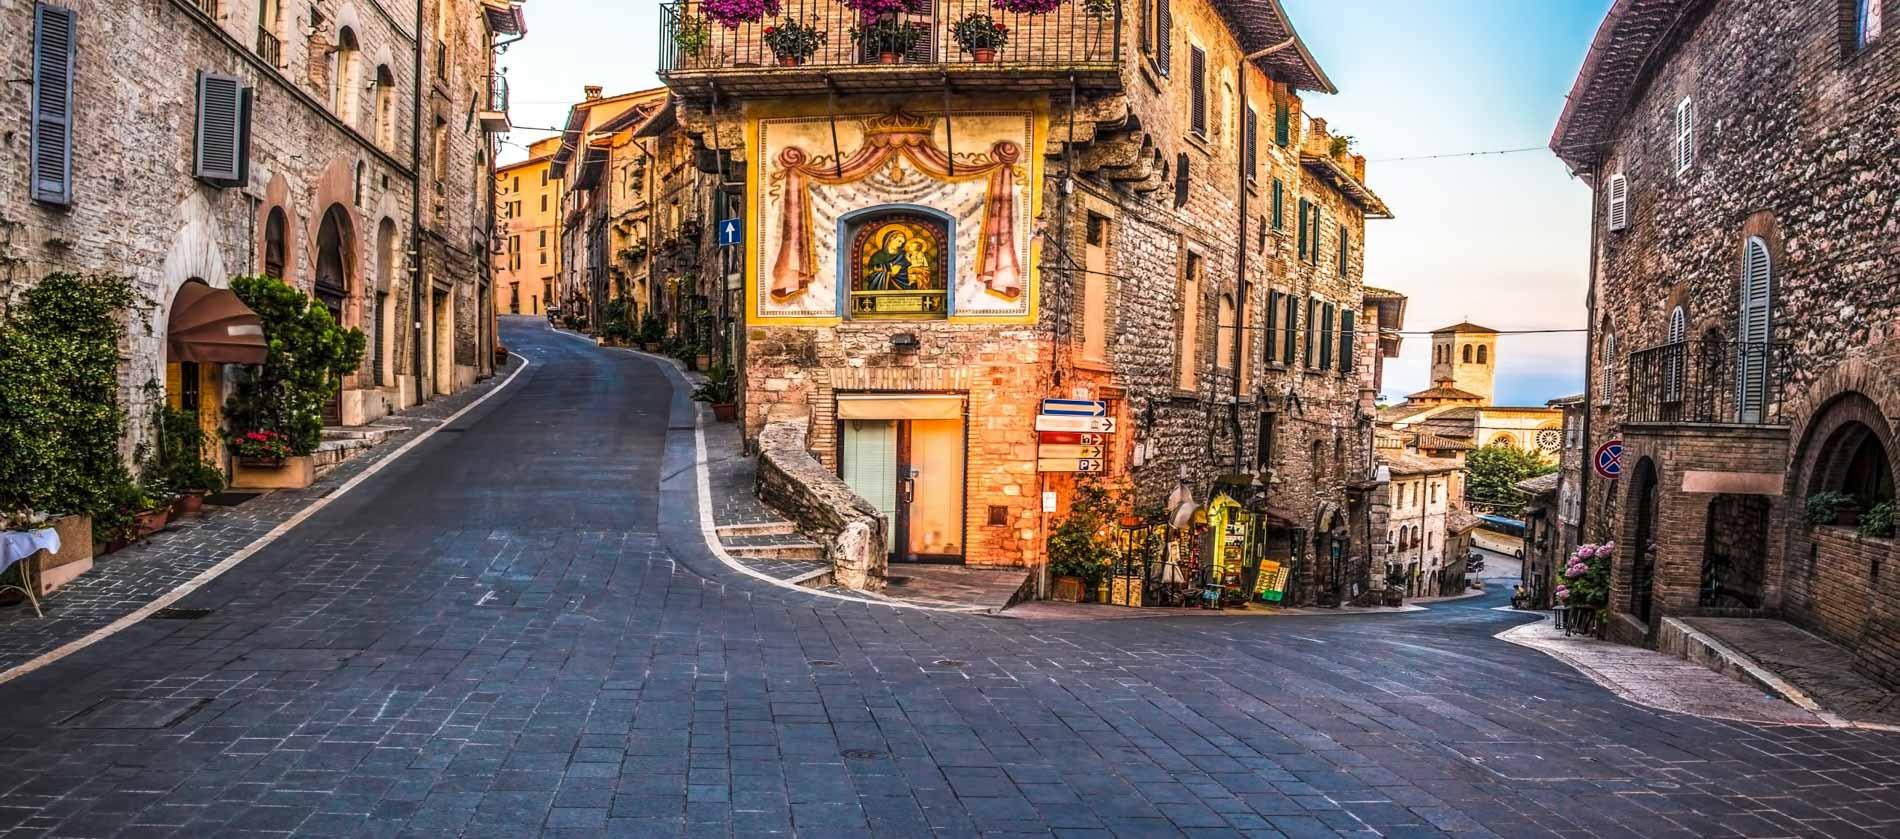 Amarant-Reizen-Header-Italie-Perguia-1